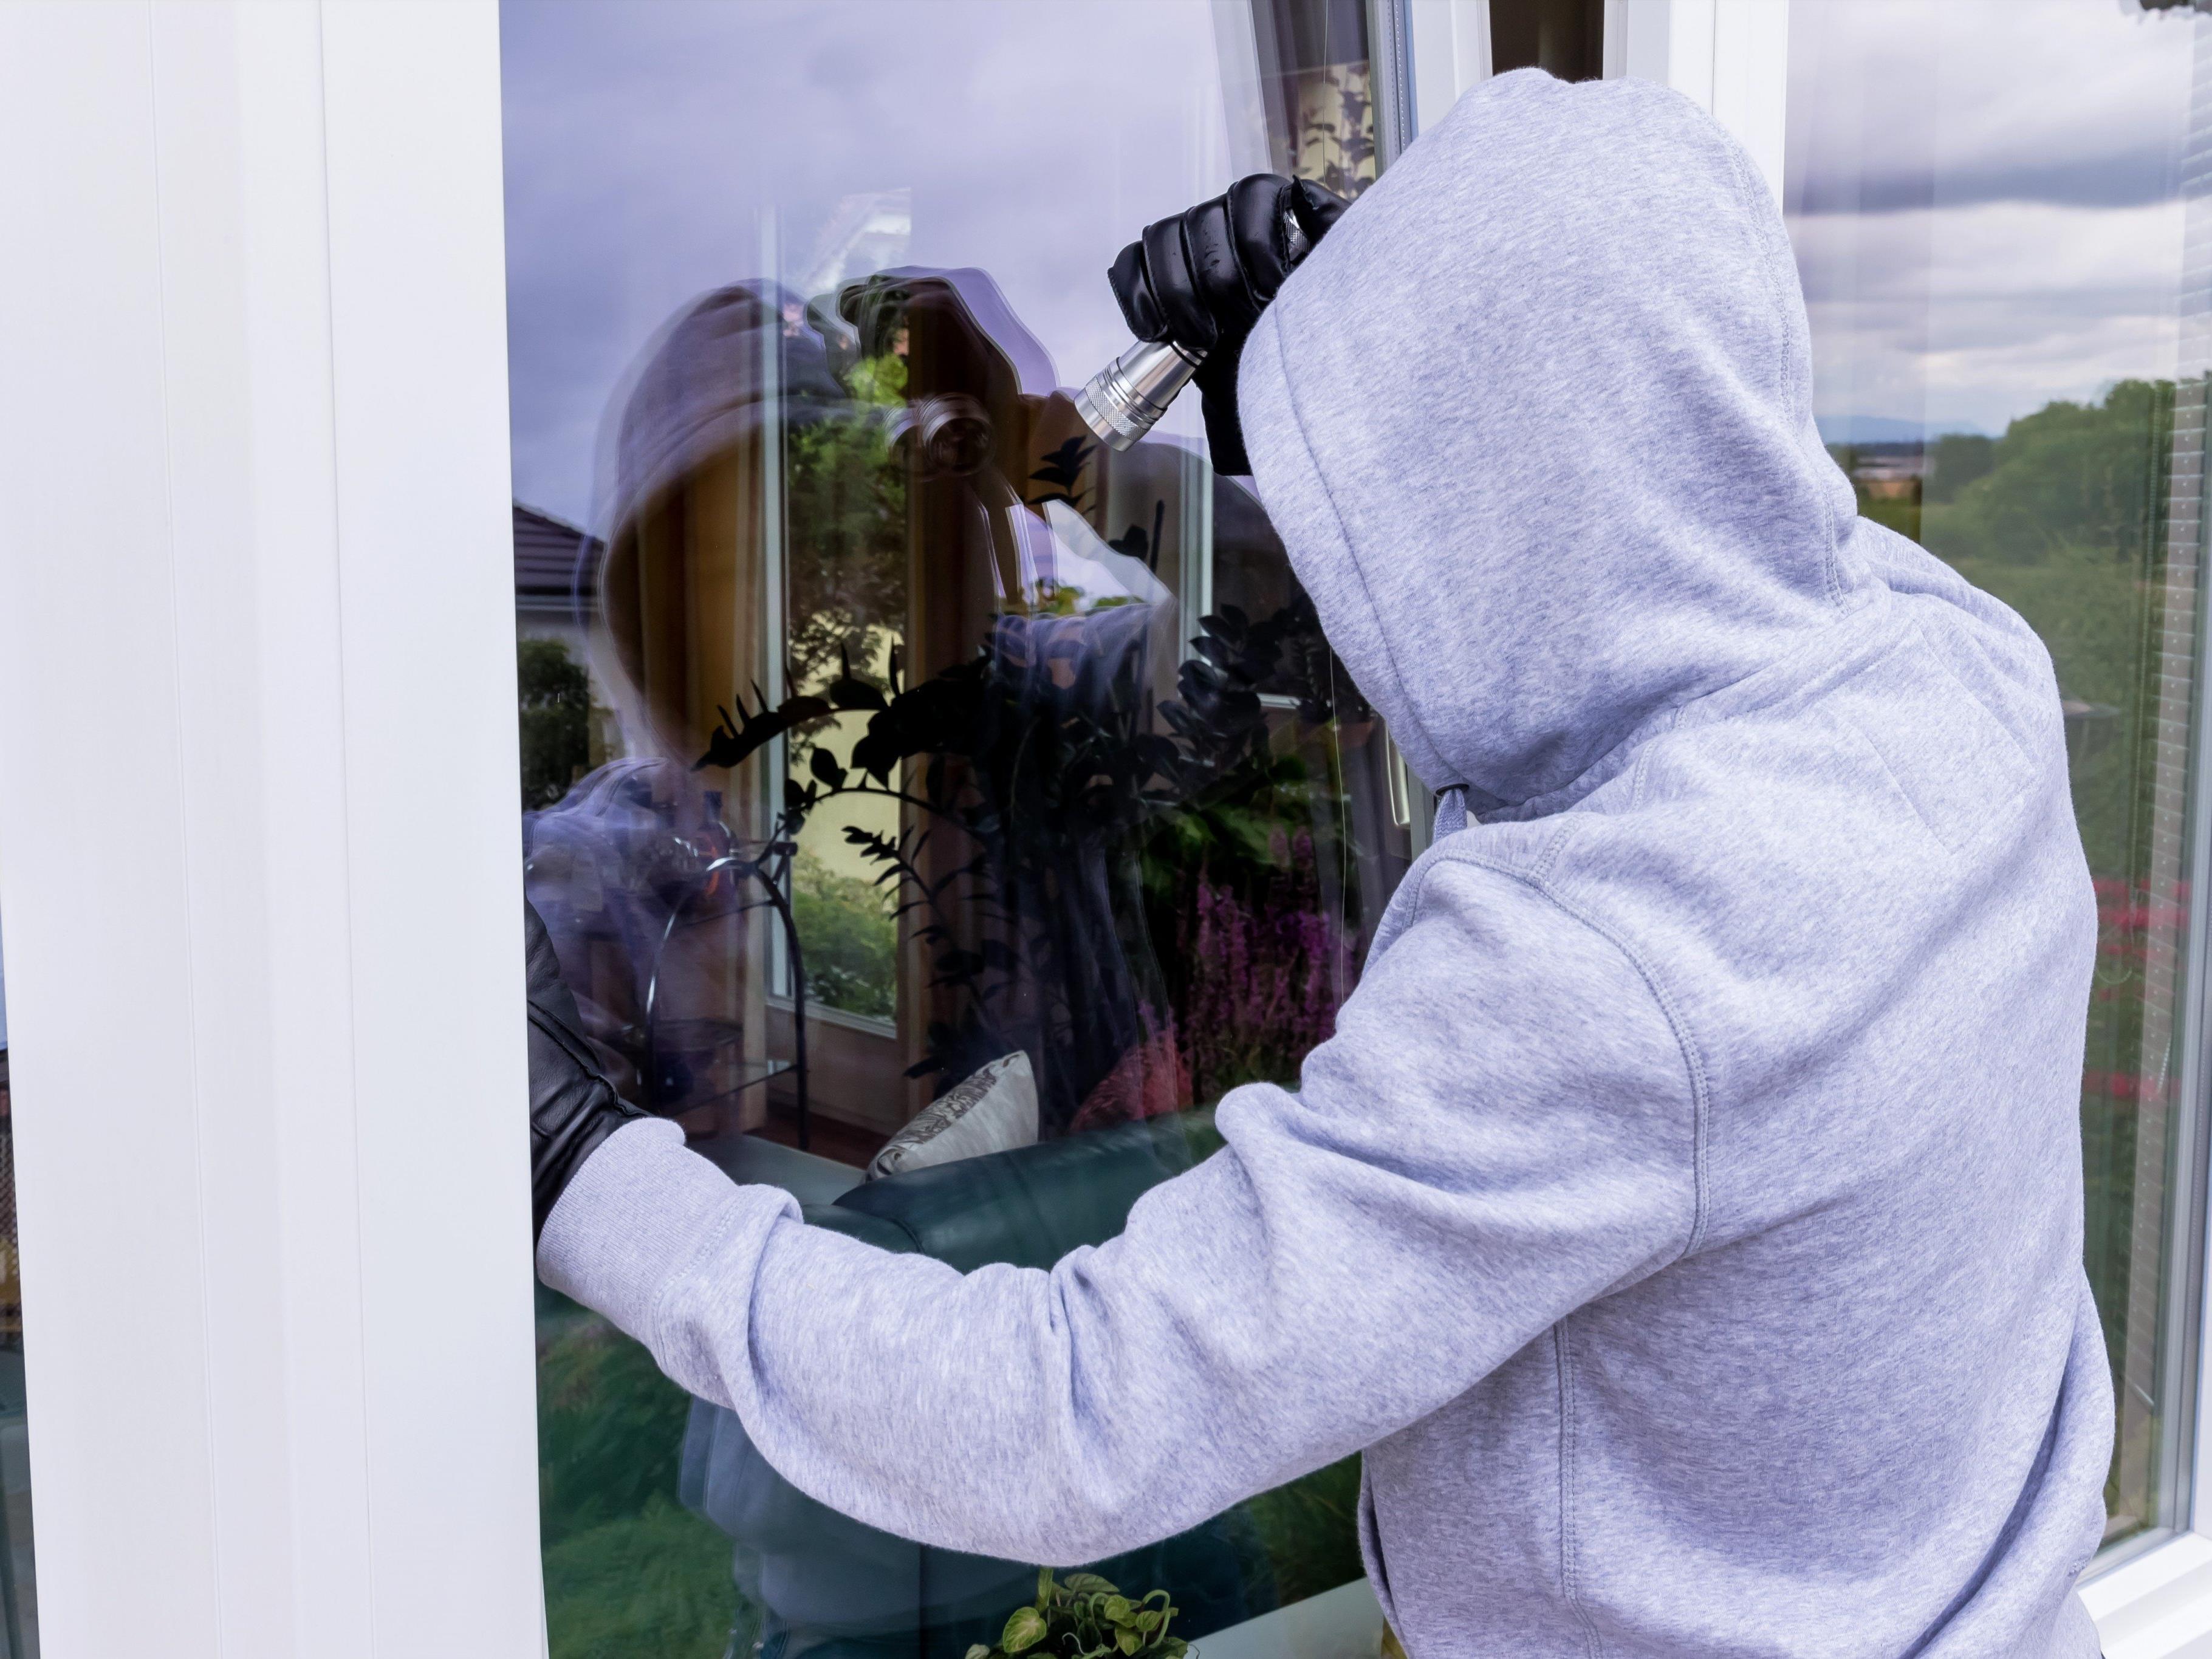 Besonders gekippte Fenster sind leicht zu knacken (Symbolbild).